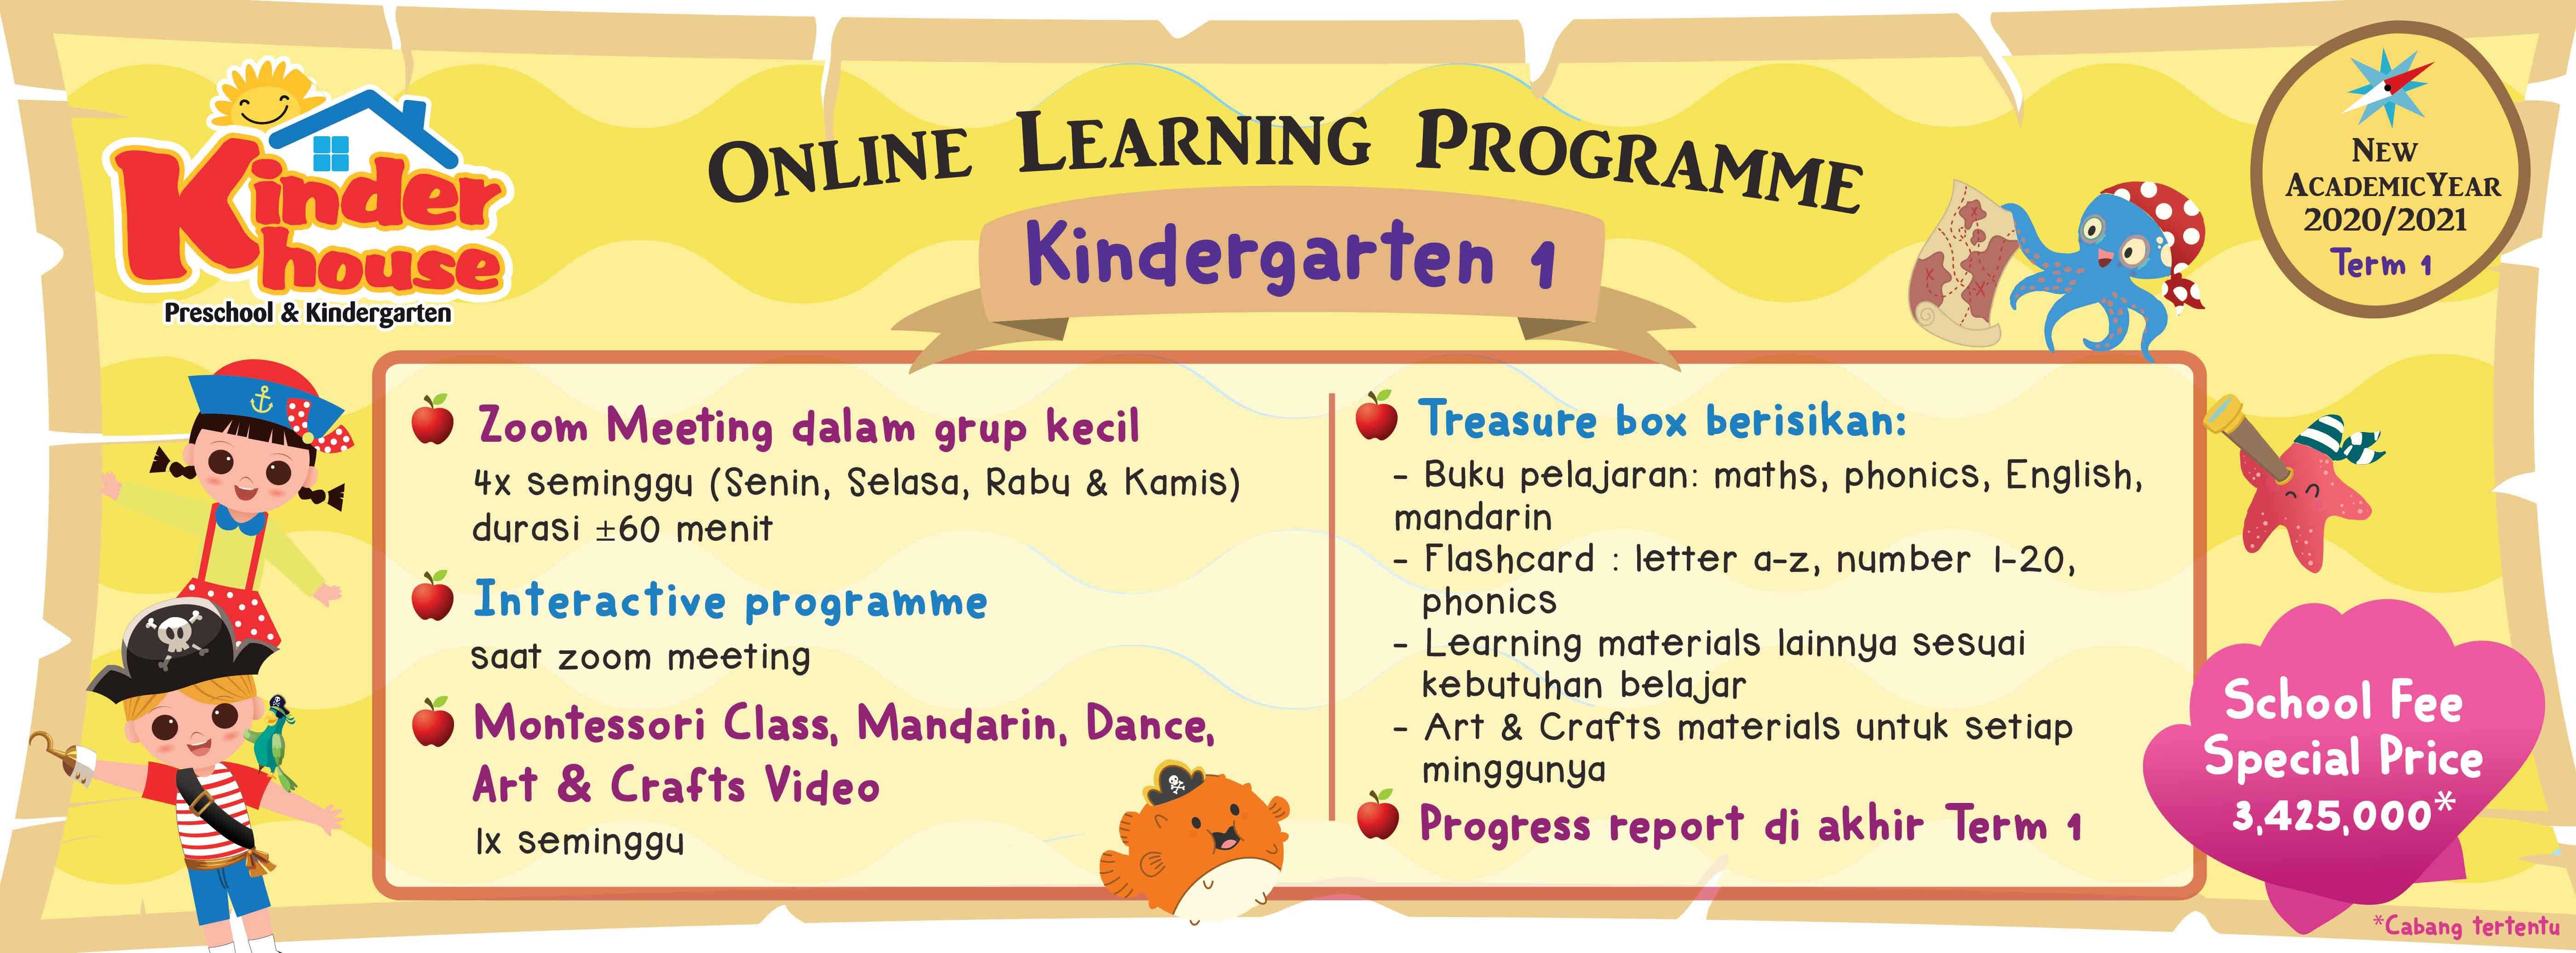 Web Banner Online K1